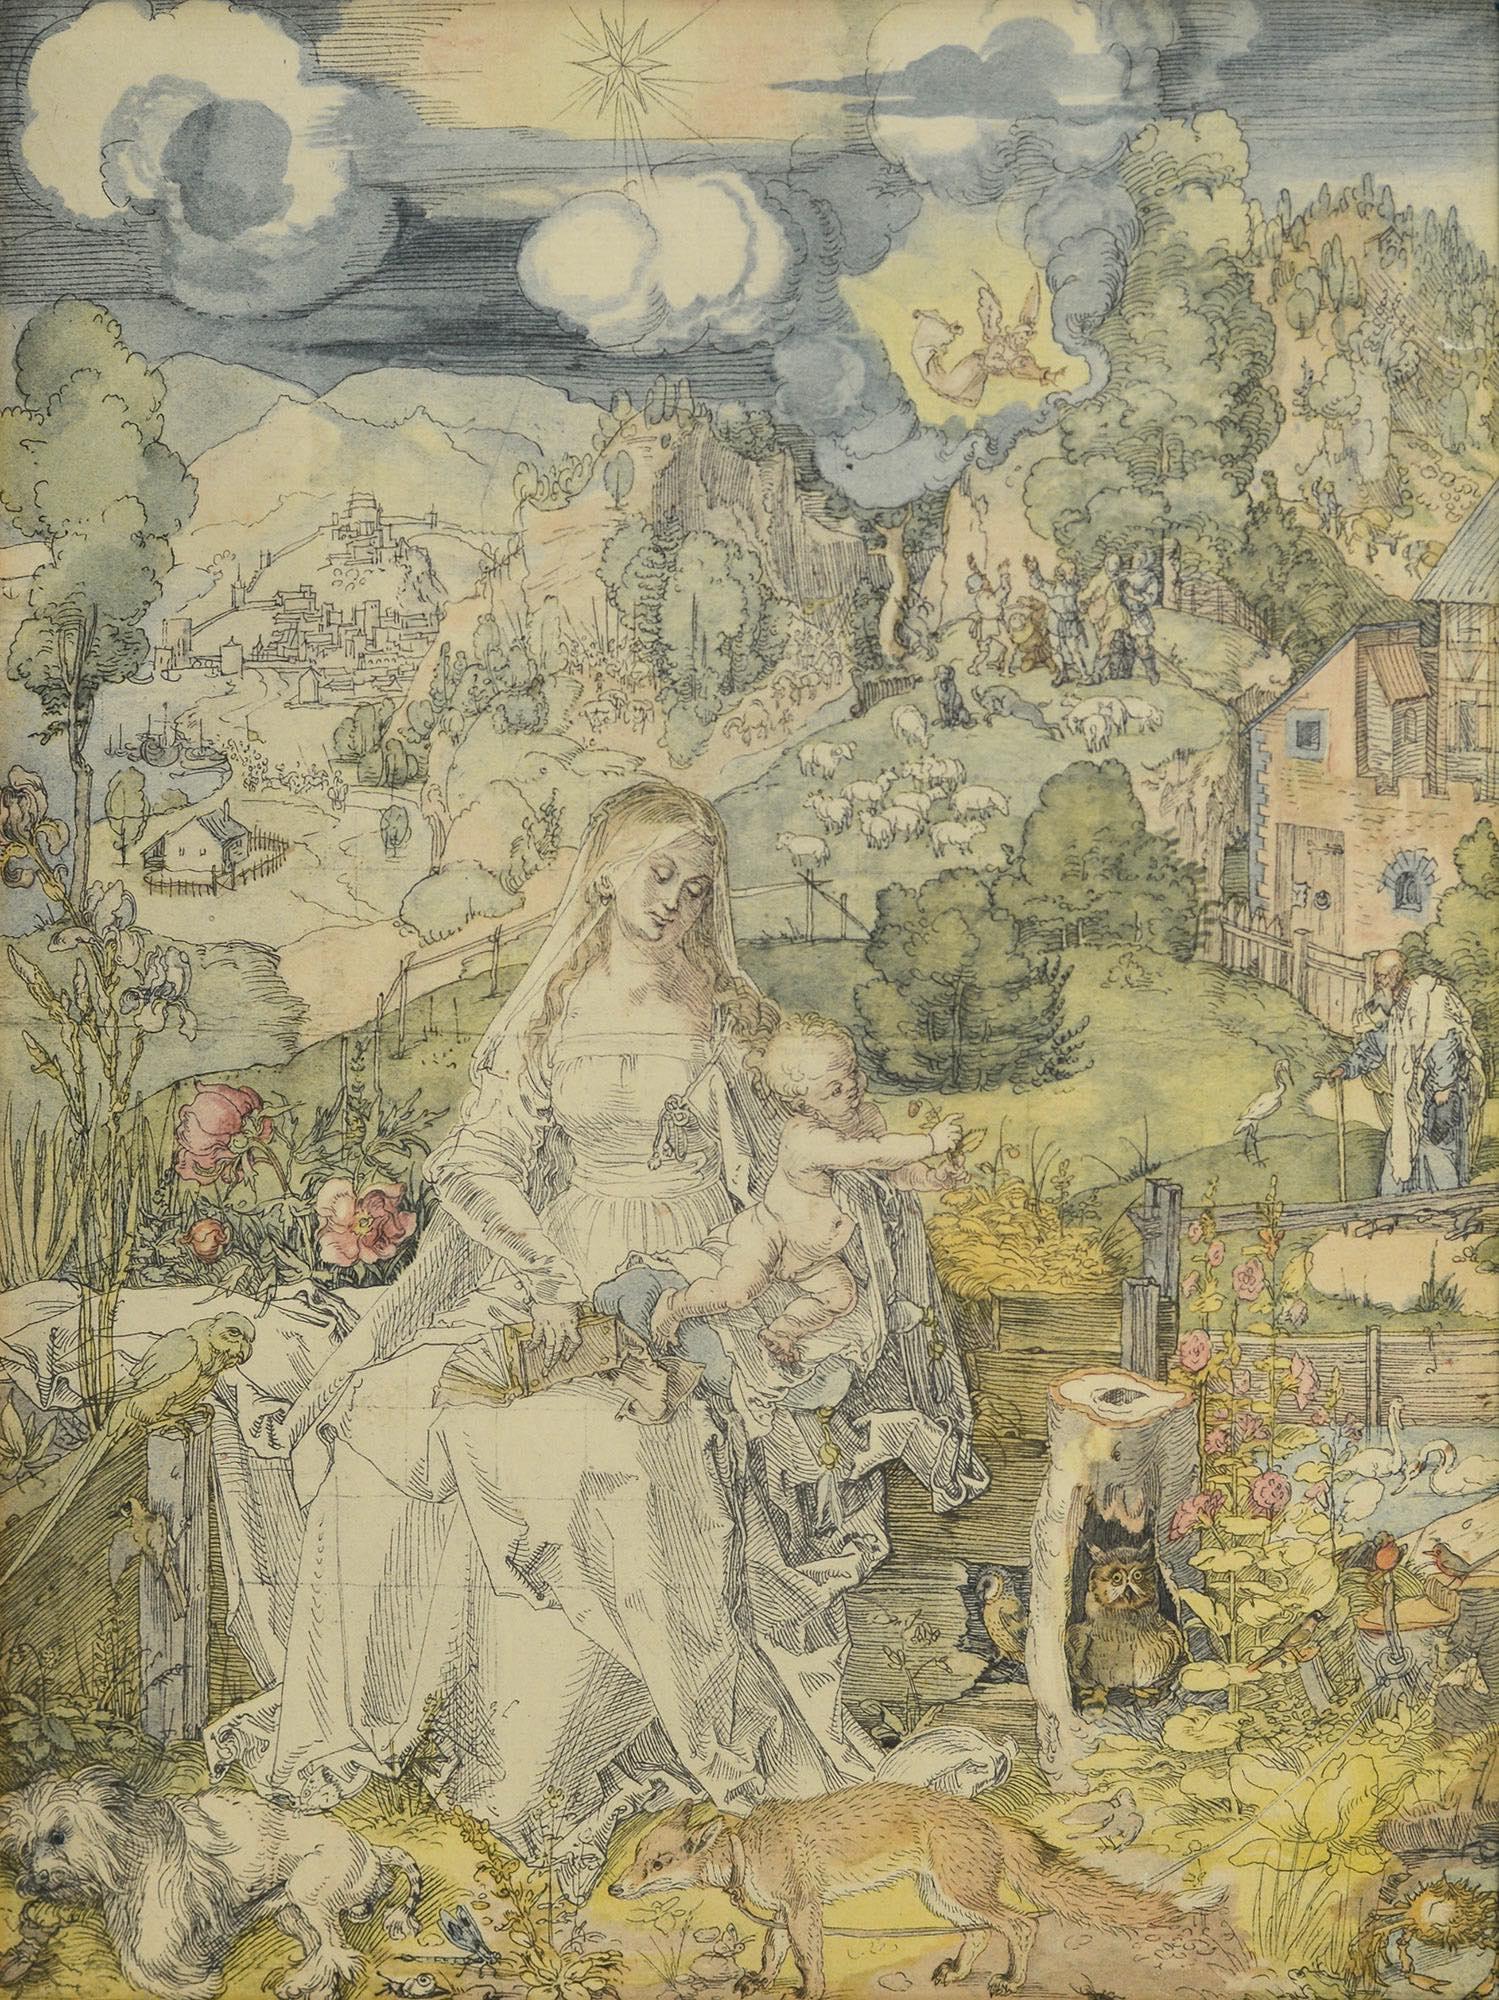 Работы Уорхола, Рембрандта выставят на аукционные торги в Киеве